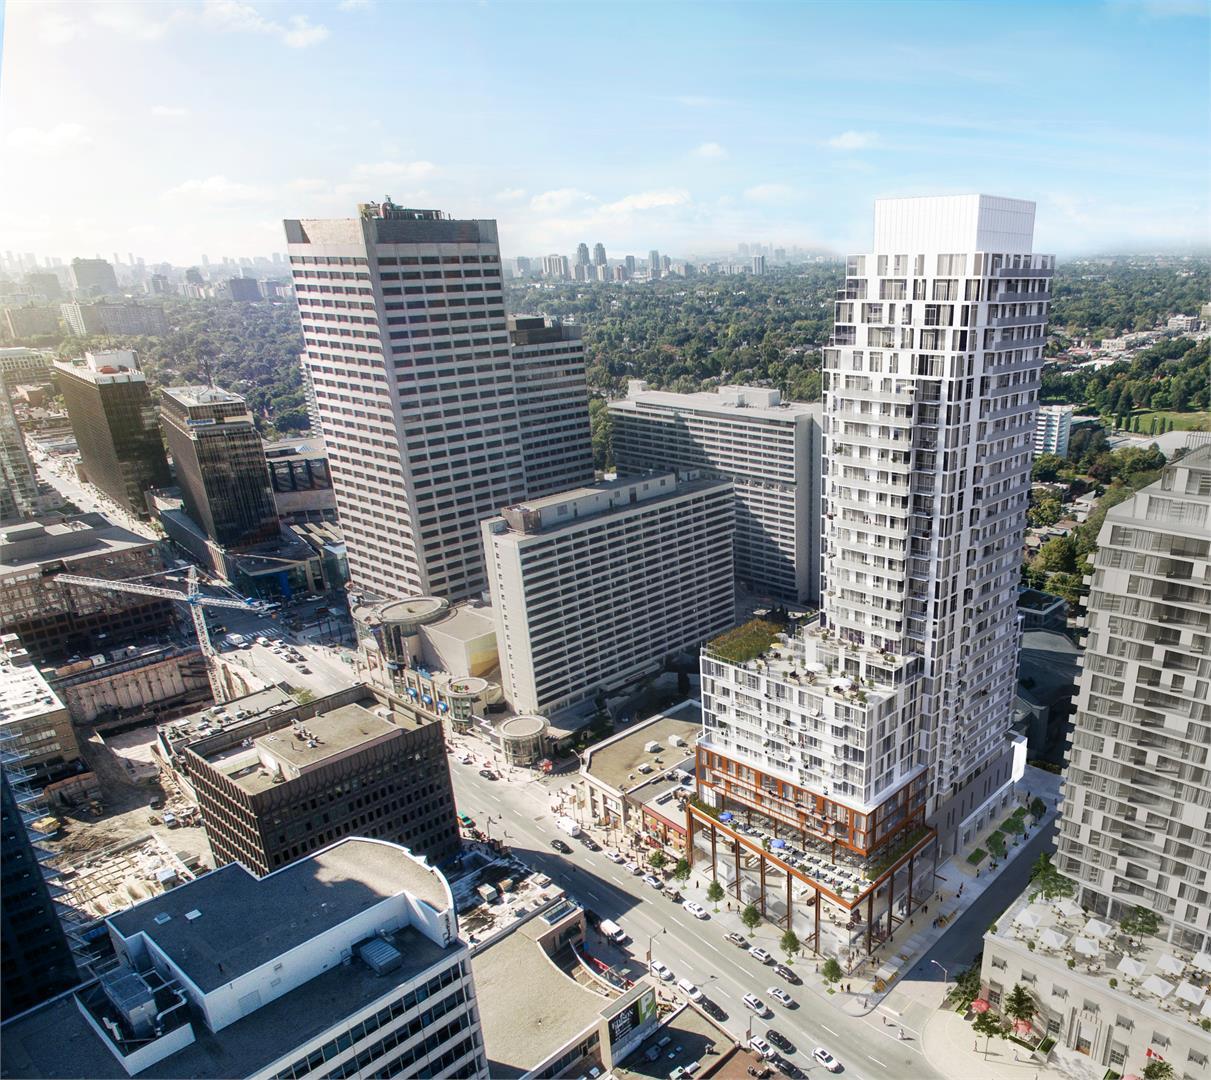 Whitehaus Condos Street View Toronto, Canada